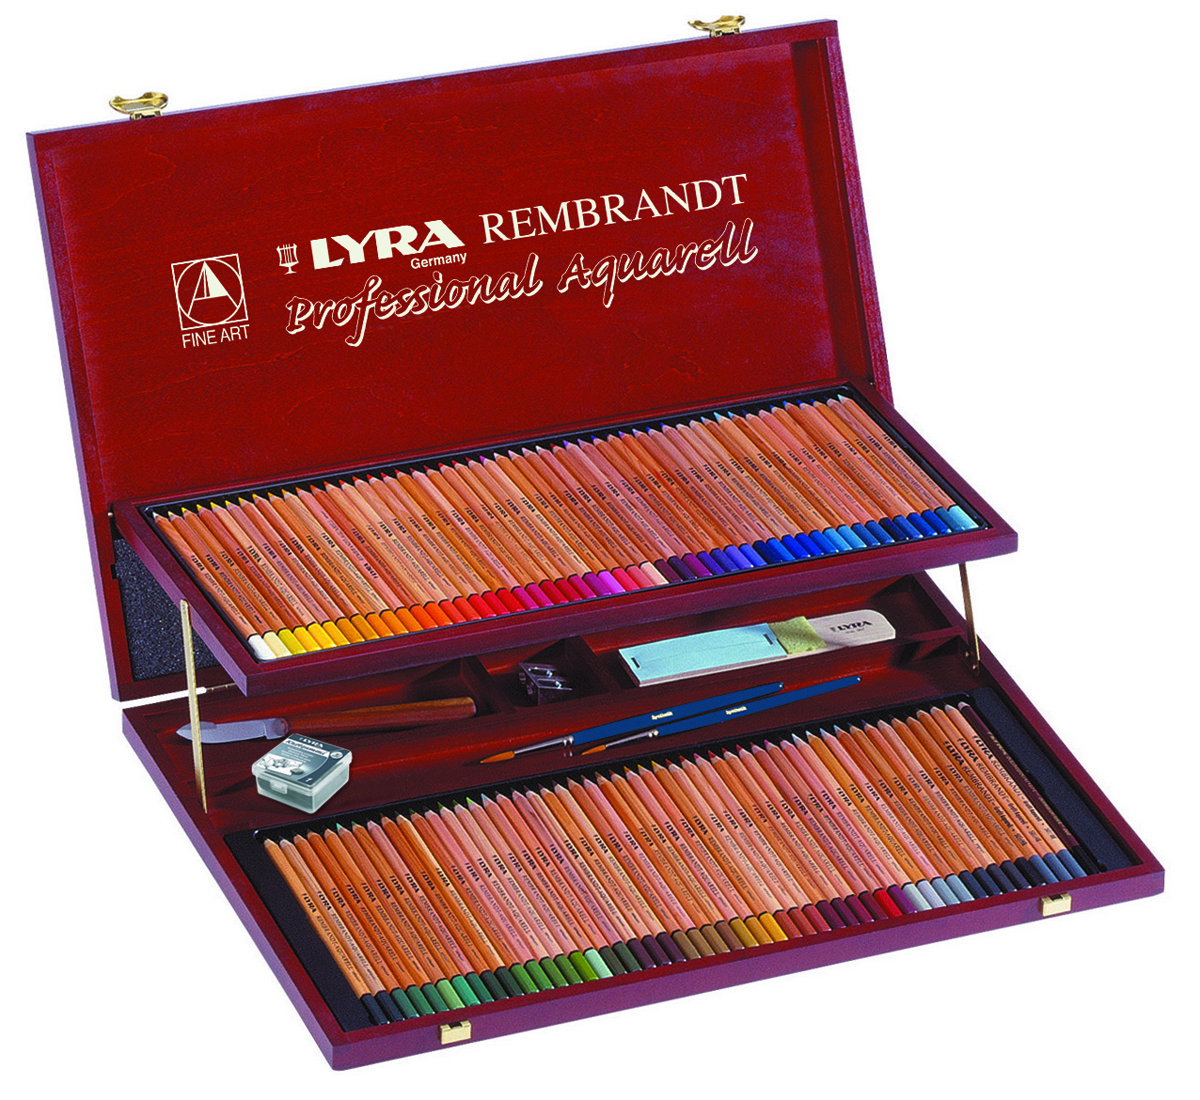 Lyra Художественные цветные карандаши Rembrandt Aquarell 106 предметов lyra художественный набор sketching set 11 предметов